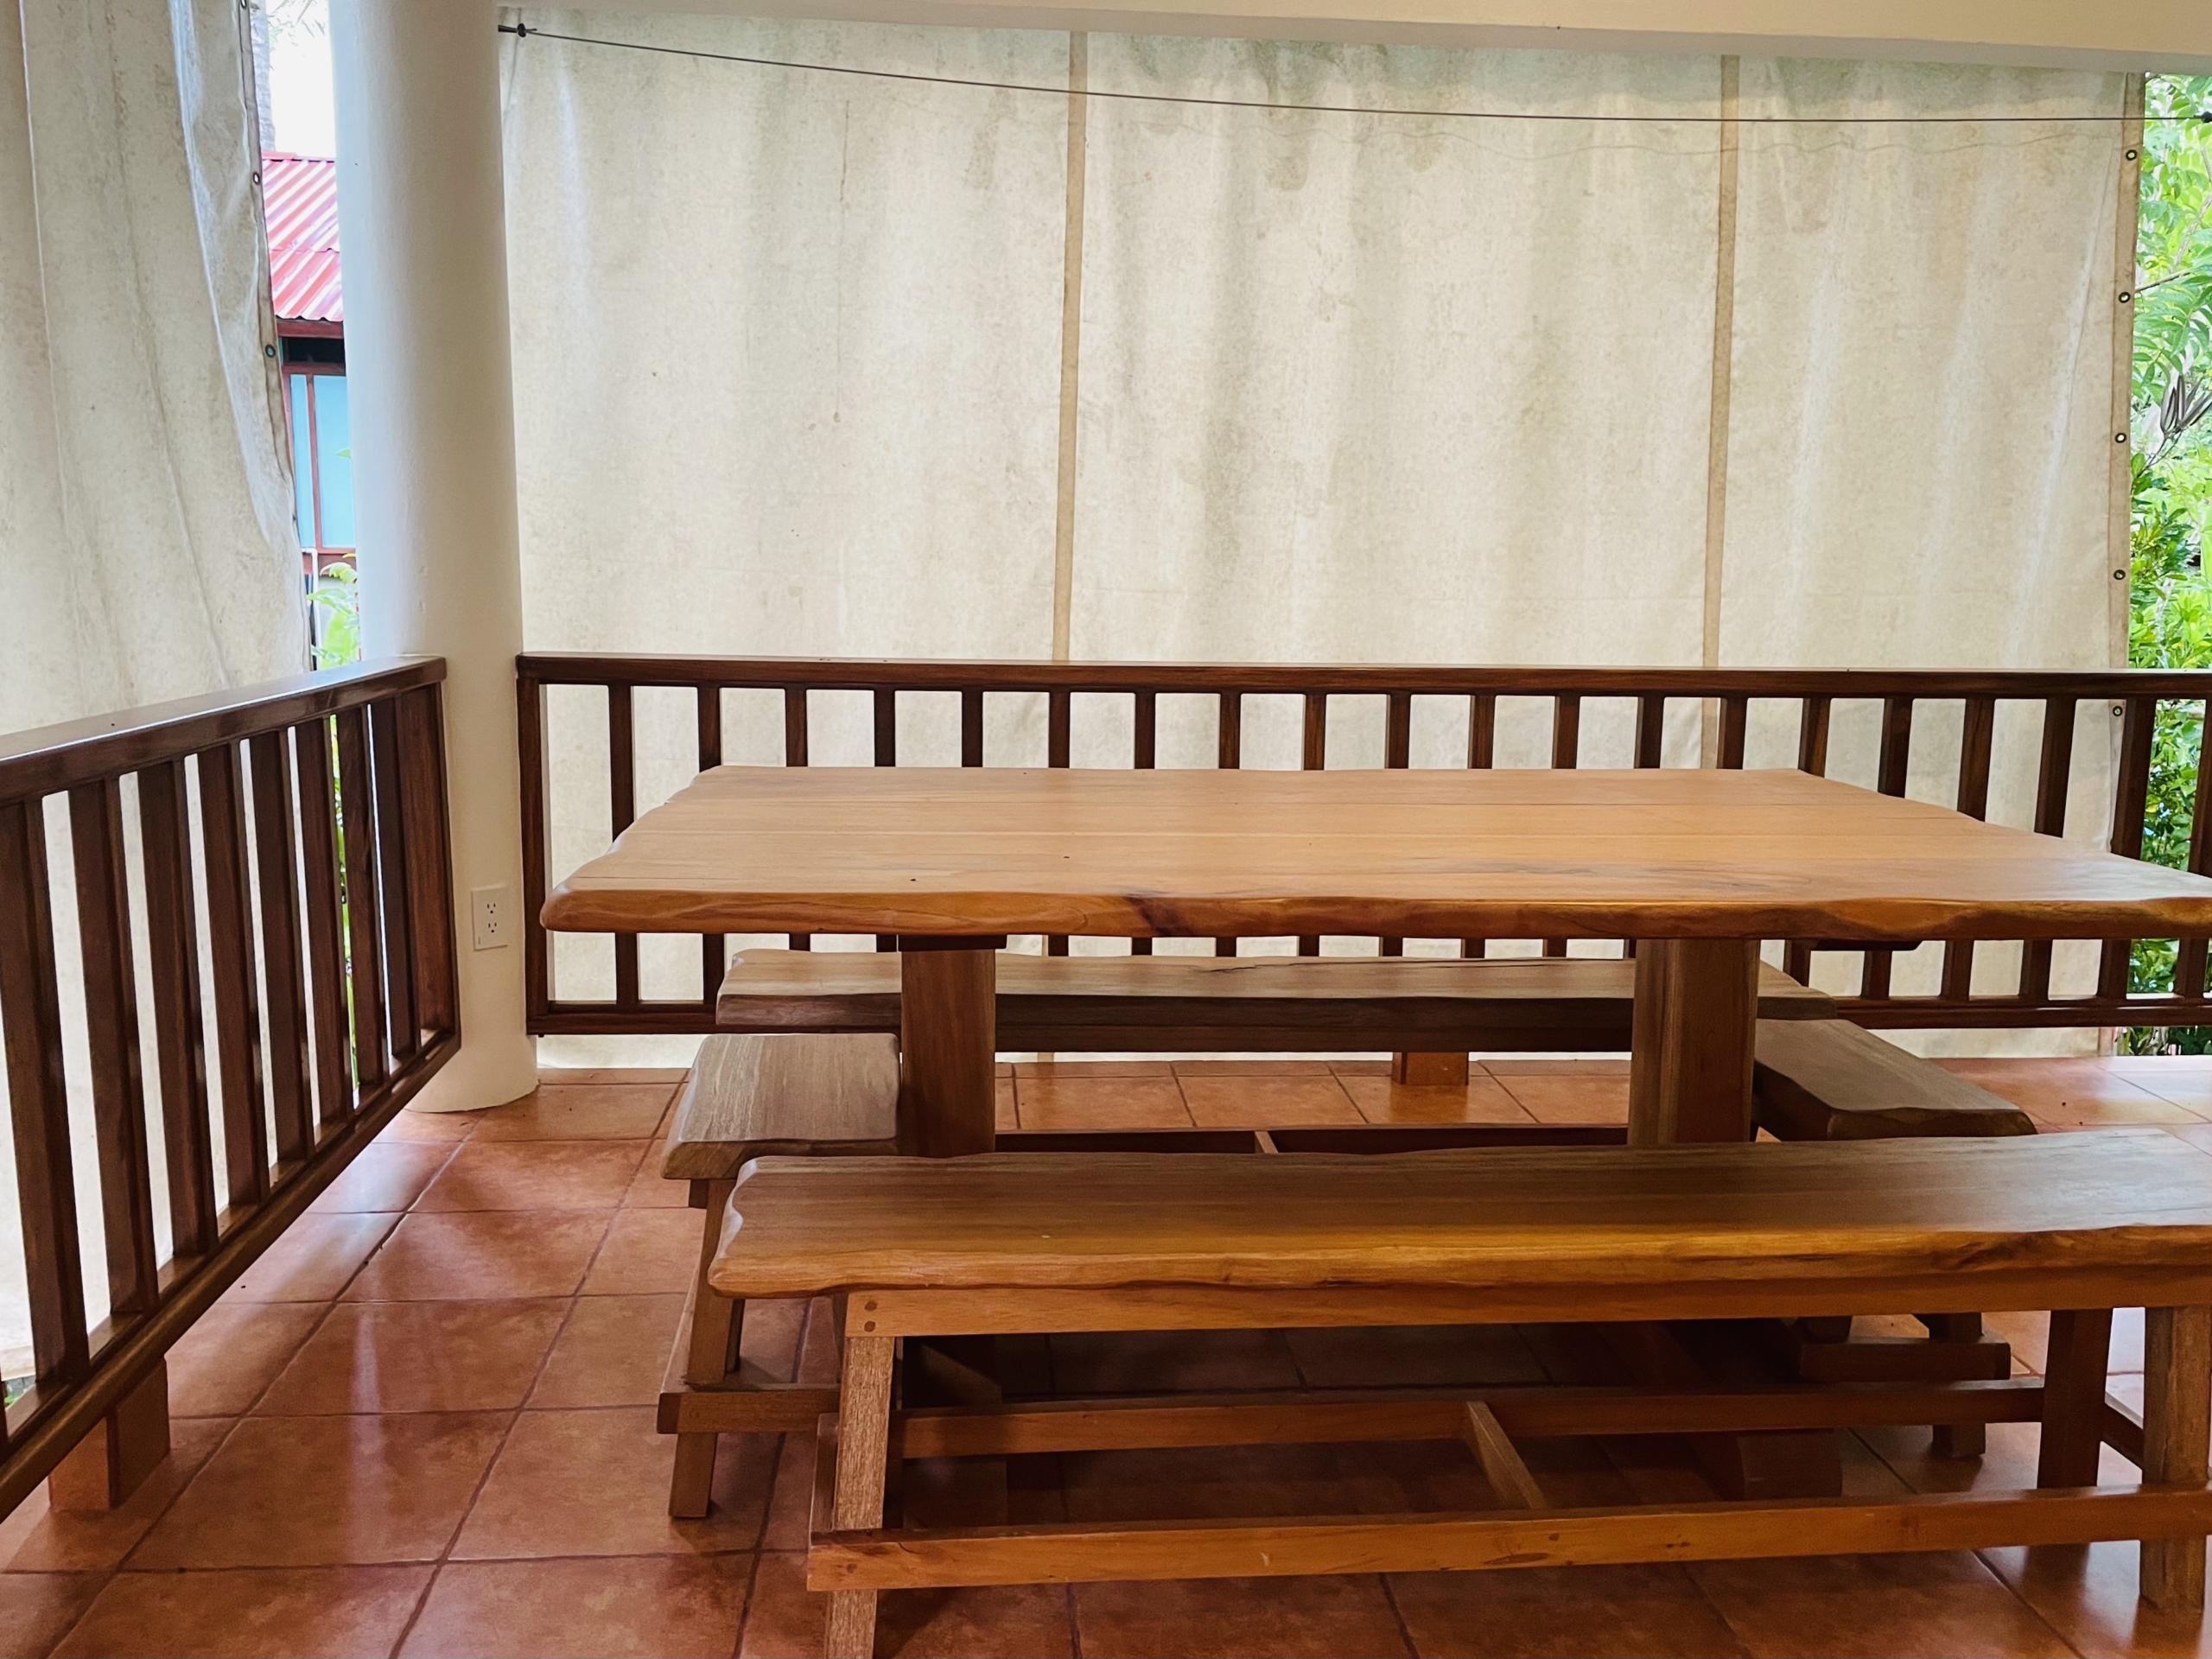 pelicano-dorado-upper-deck-table